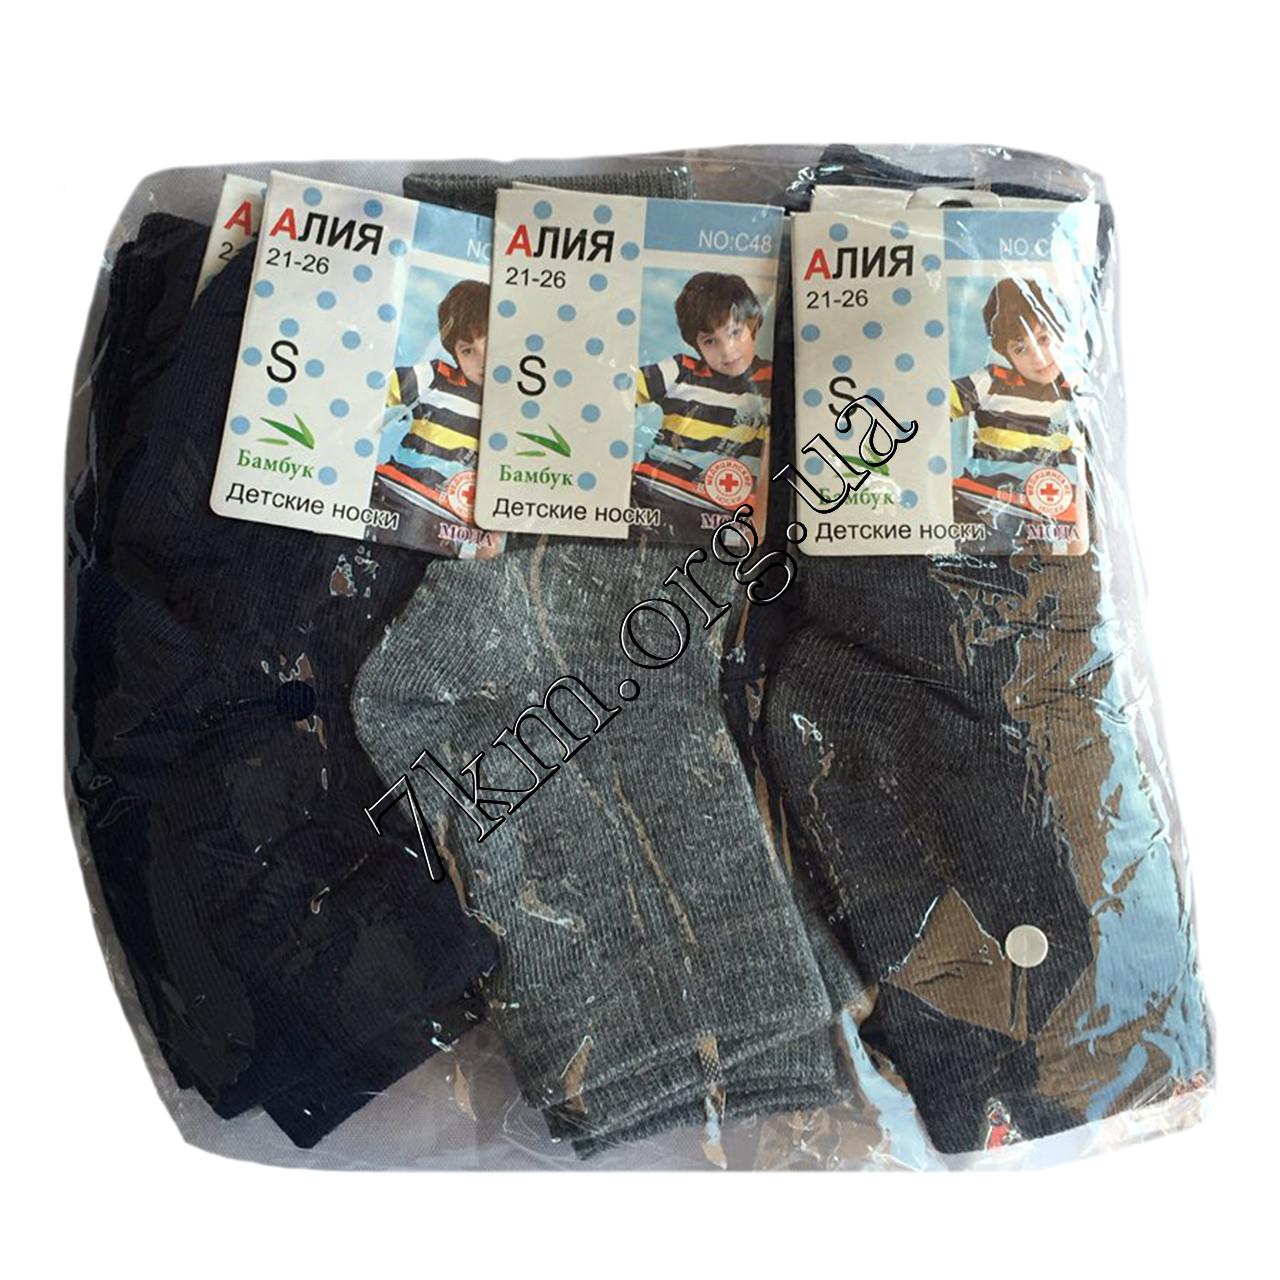 Носки детские для мальчиков Алия Бамбук 32-35 р.р. Оптом C48